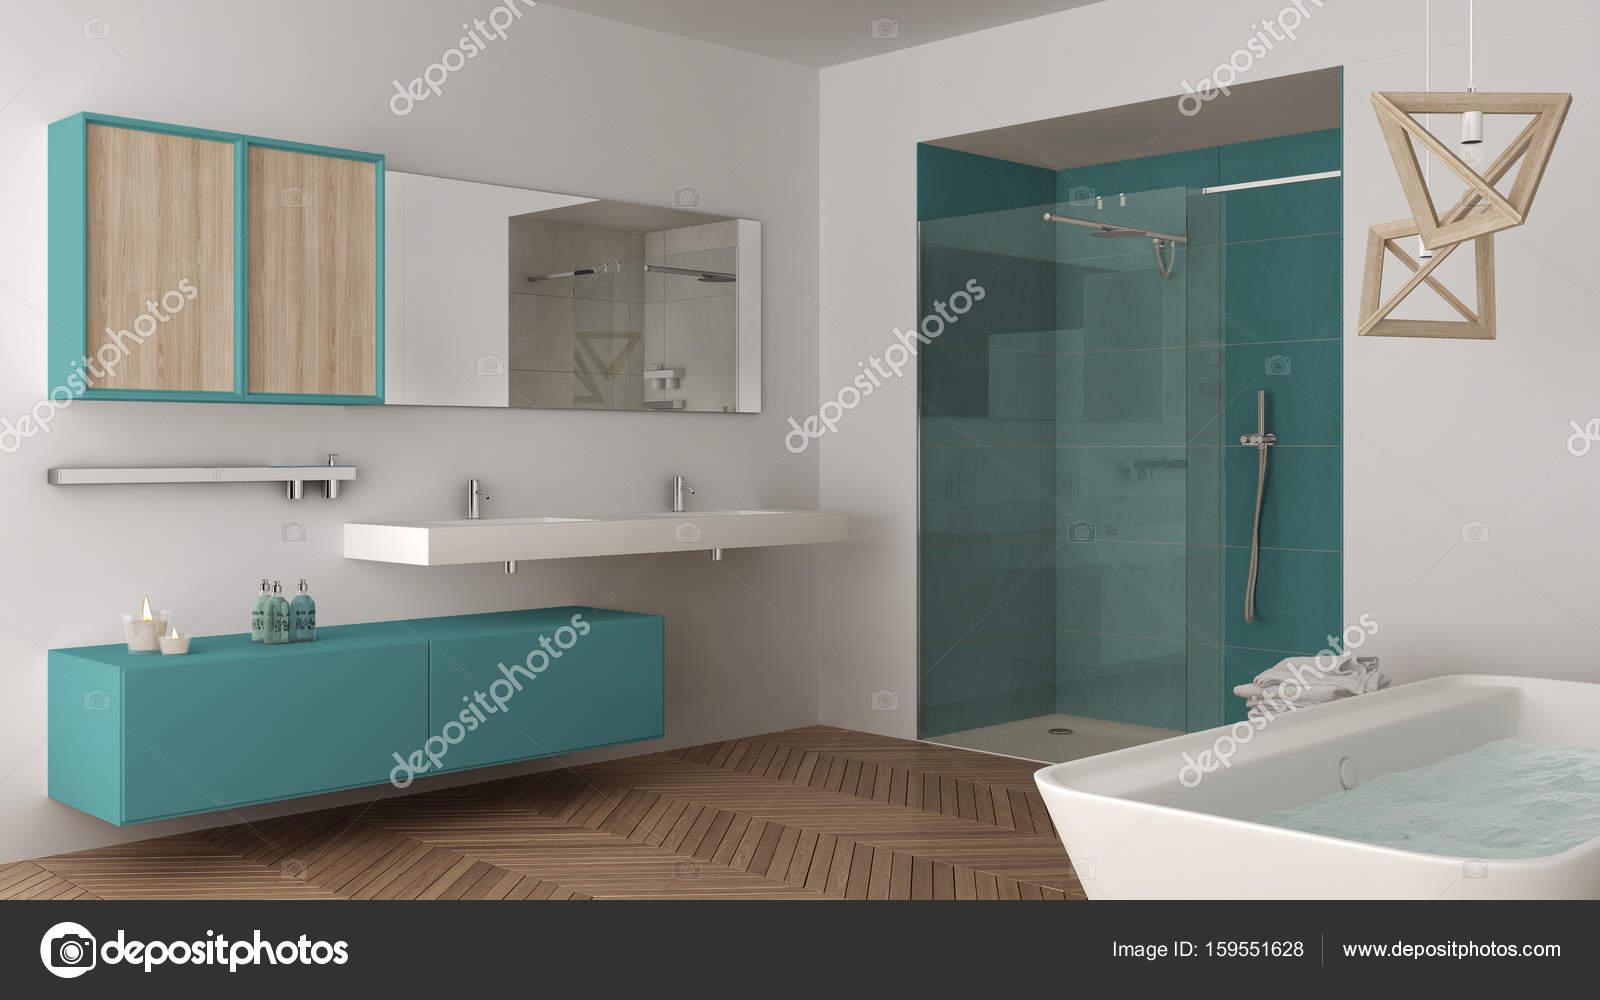 Vasca Da Bagno Con Lavabo : Bagni moderni con vasca incassata bagno moderno con vasca